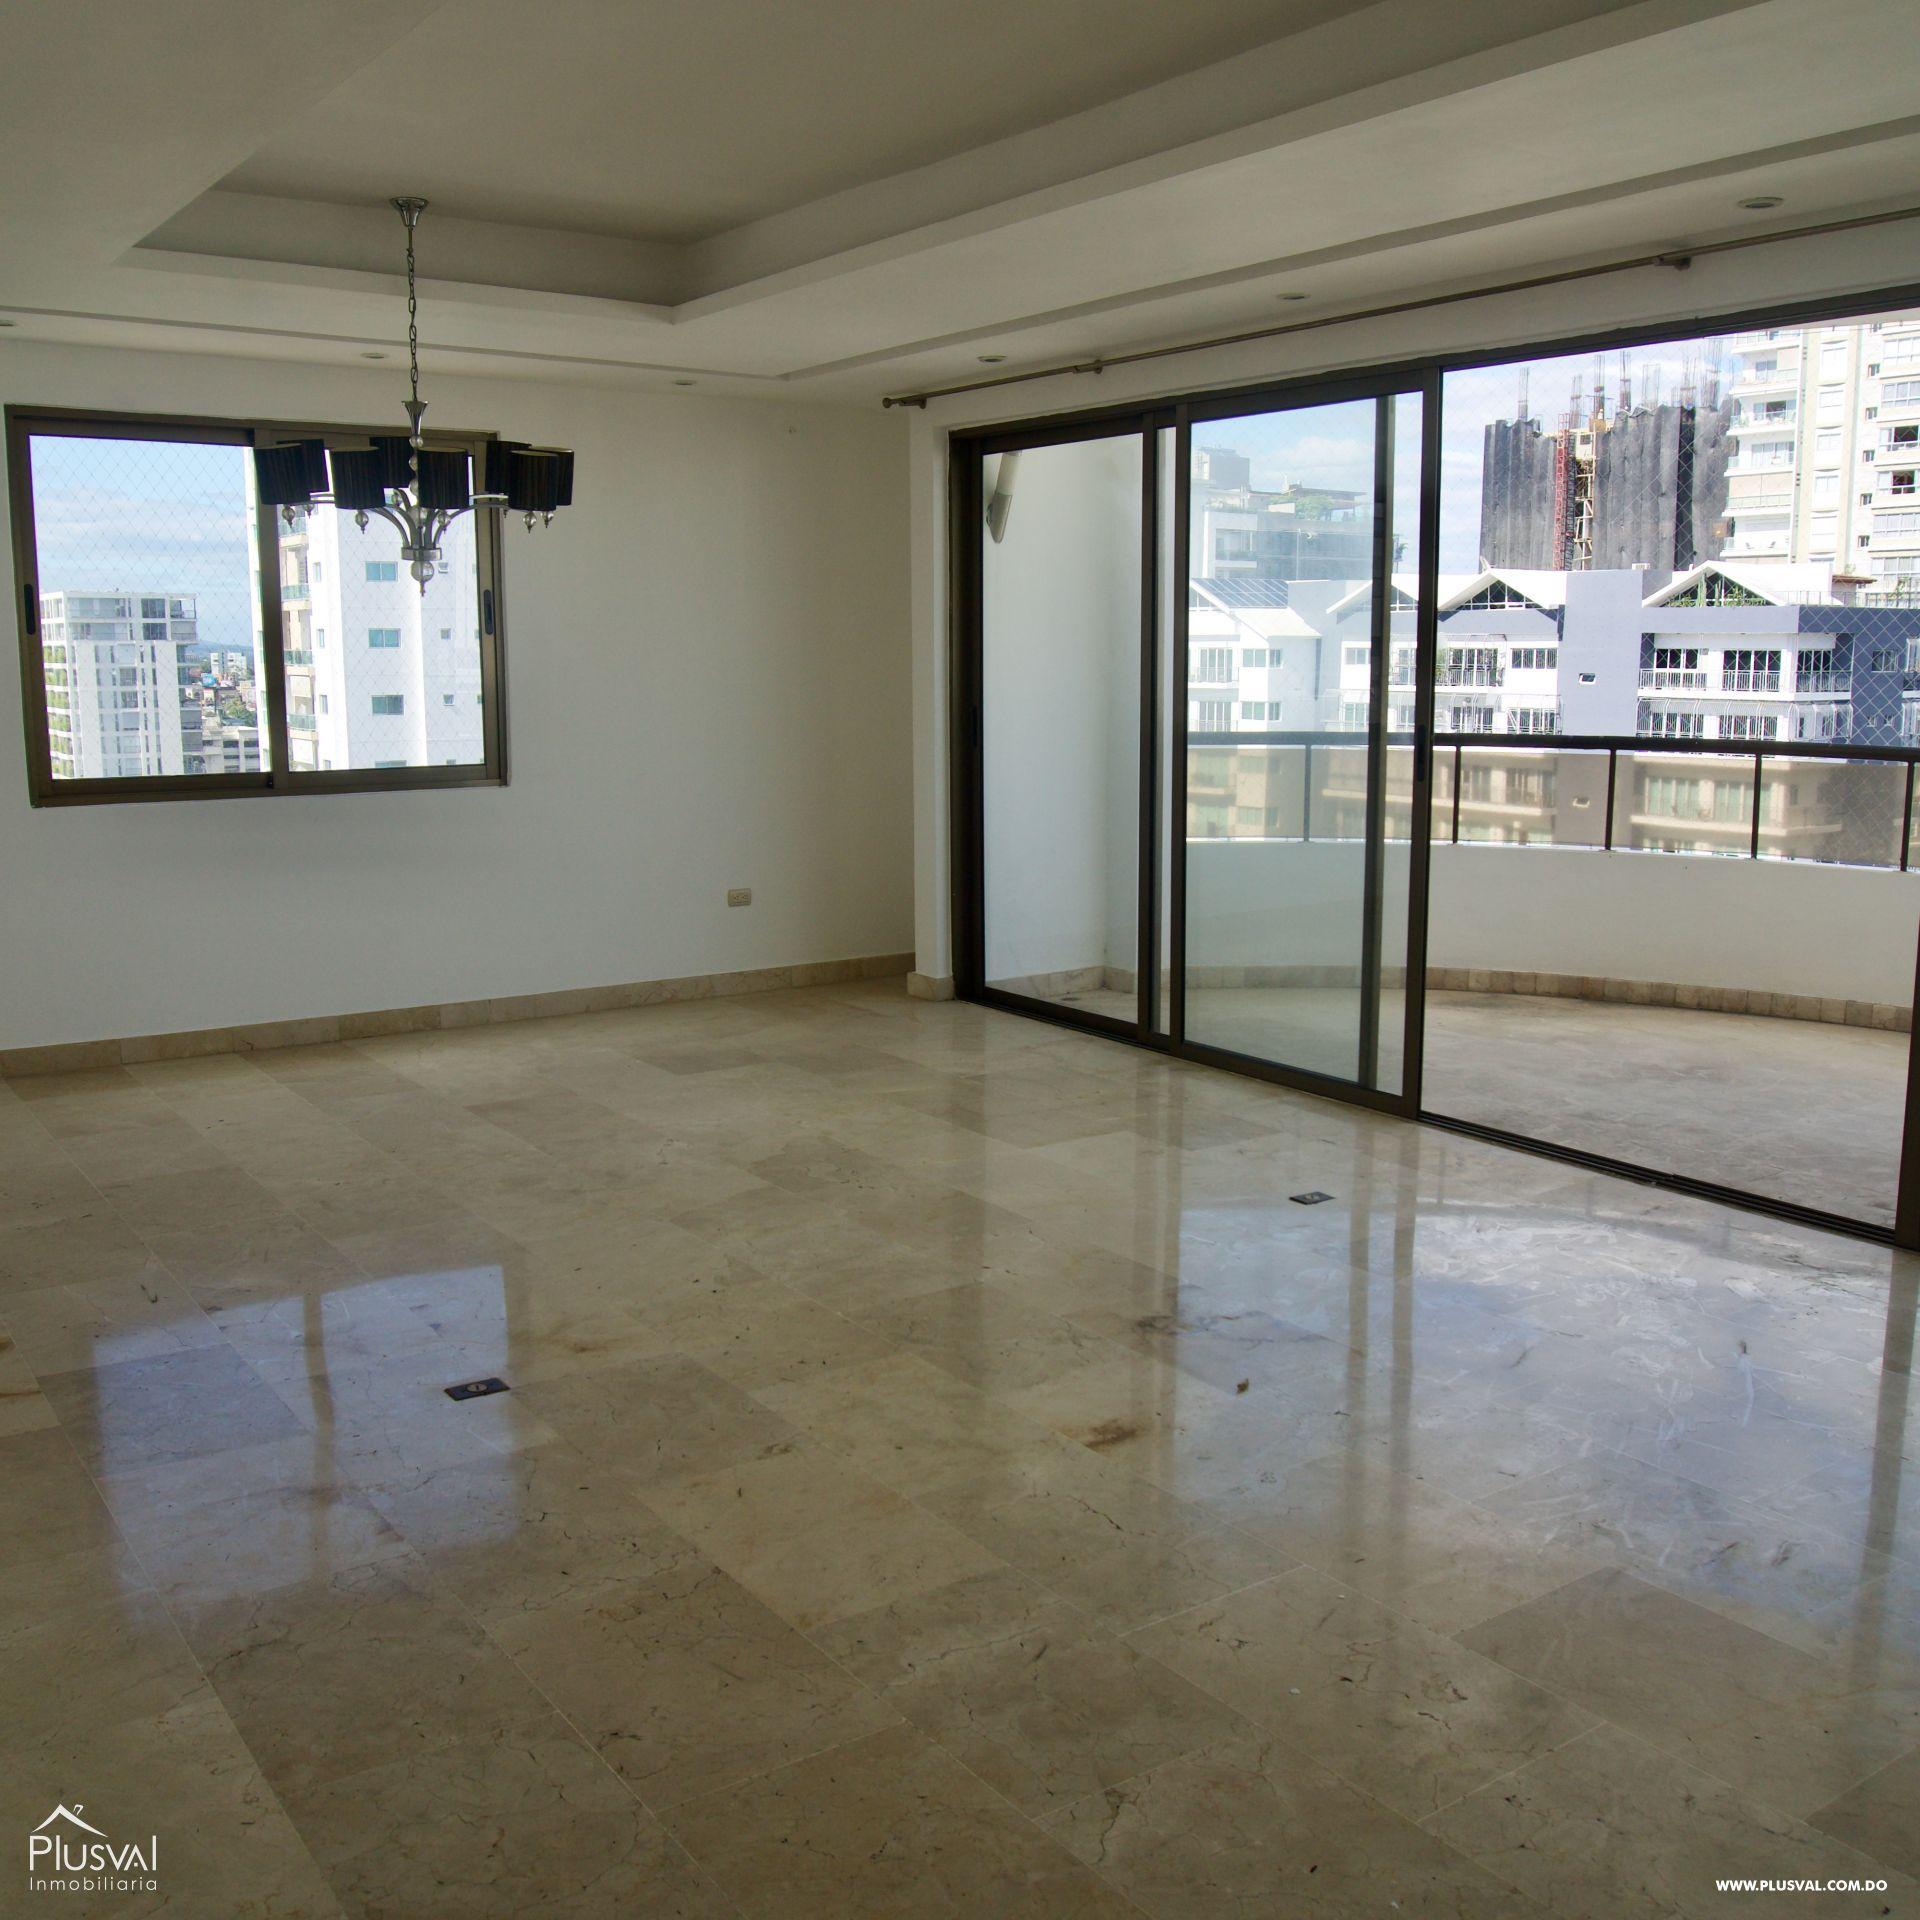 Apartamento en alquiler, línea blanca en Piantini